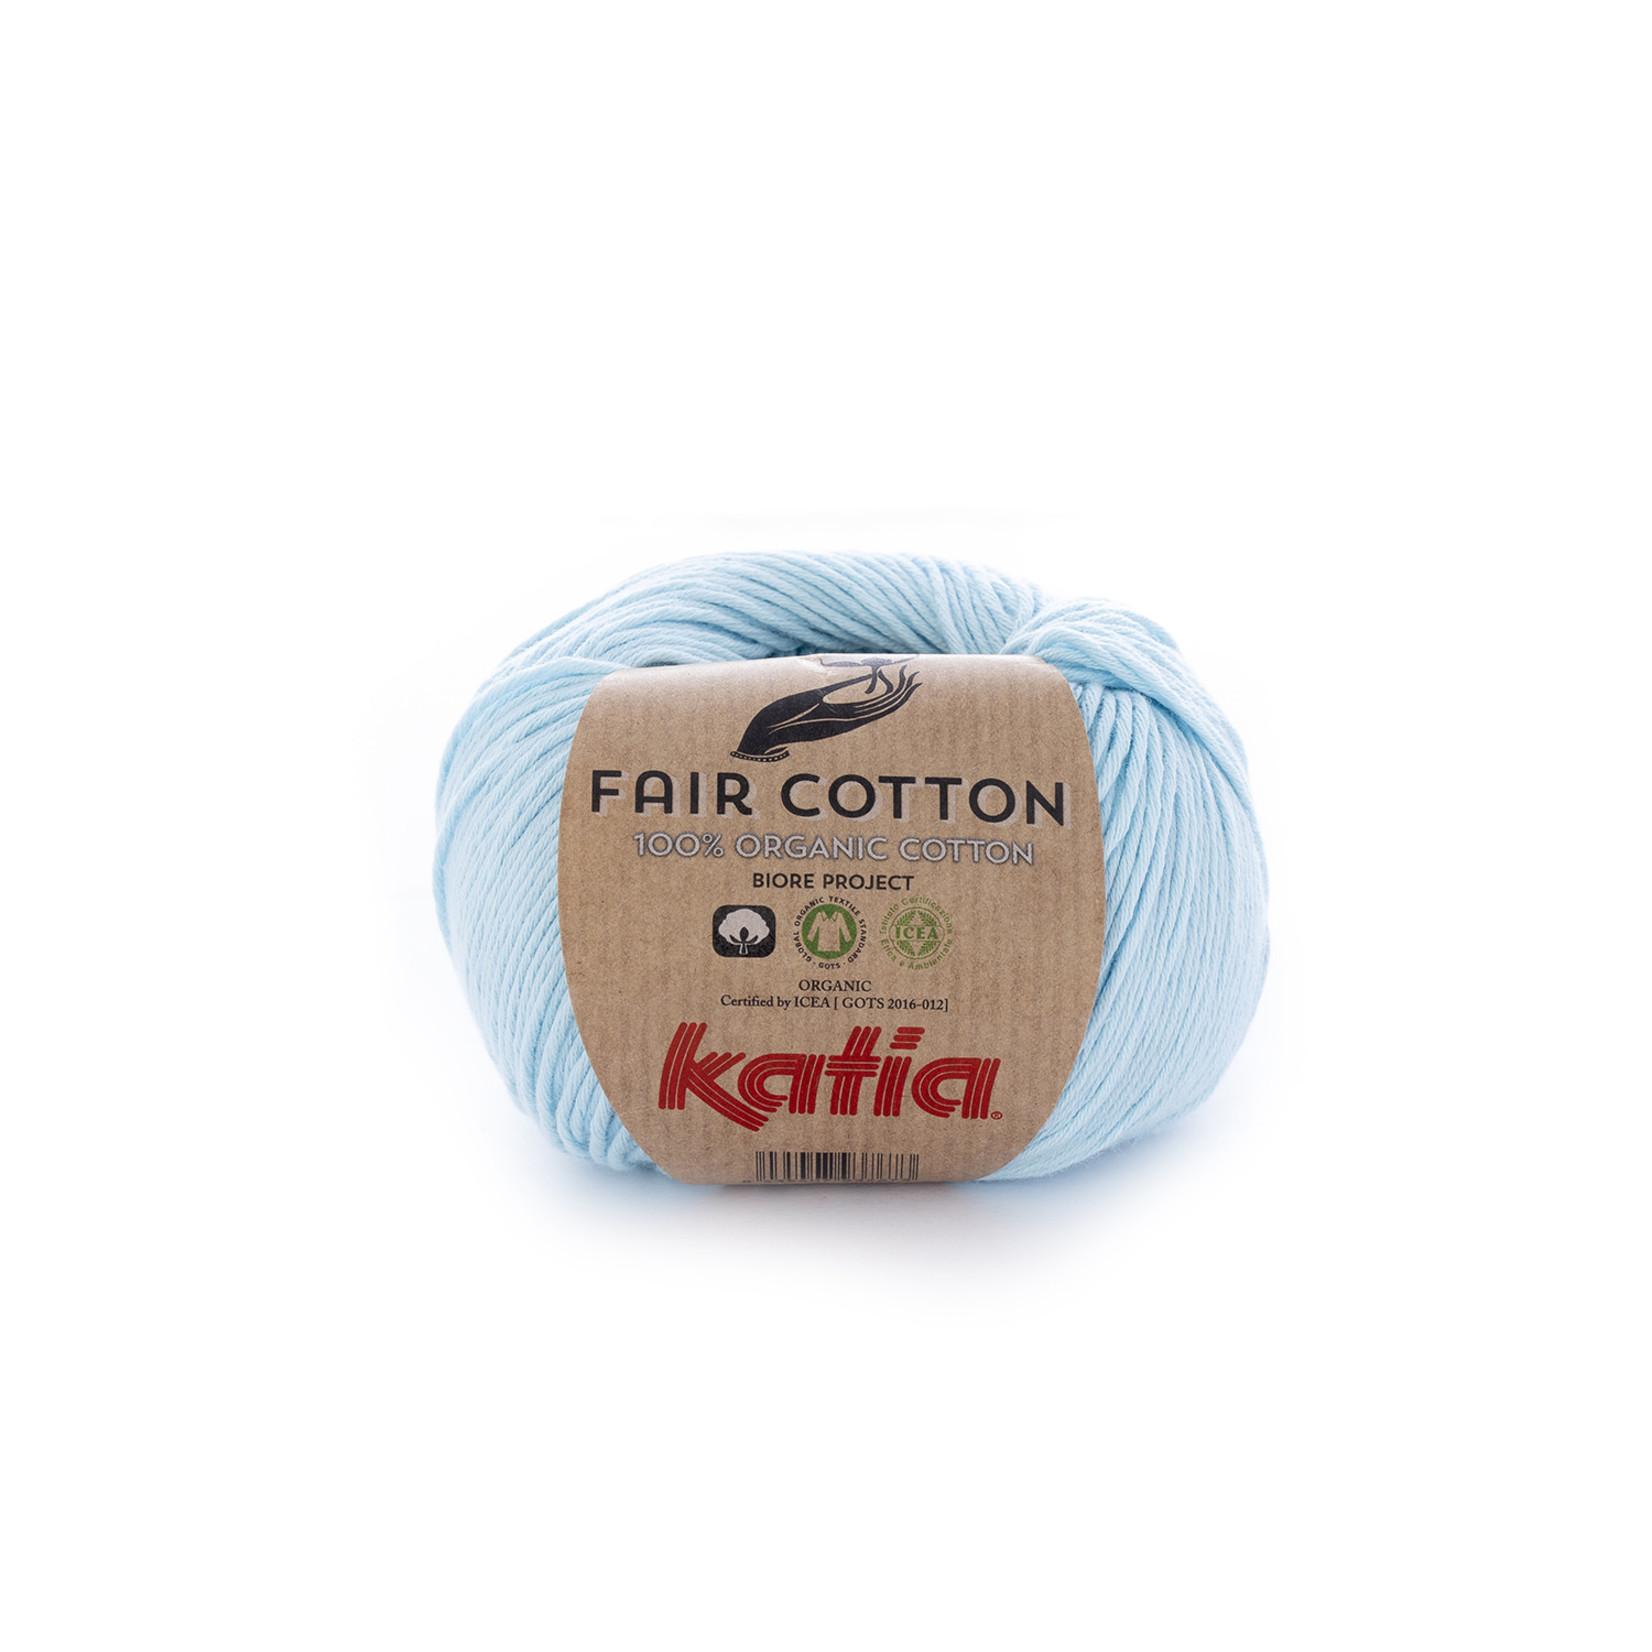 Katia Katia Fair Cotton 8 - licht hemelsblauw - 1 bol = 50 gr. = 155 m. - 100% biol. katoen